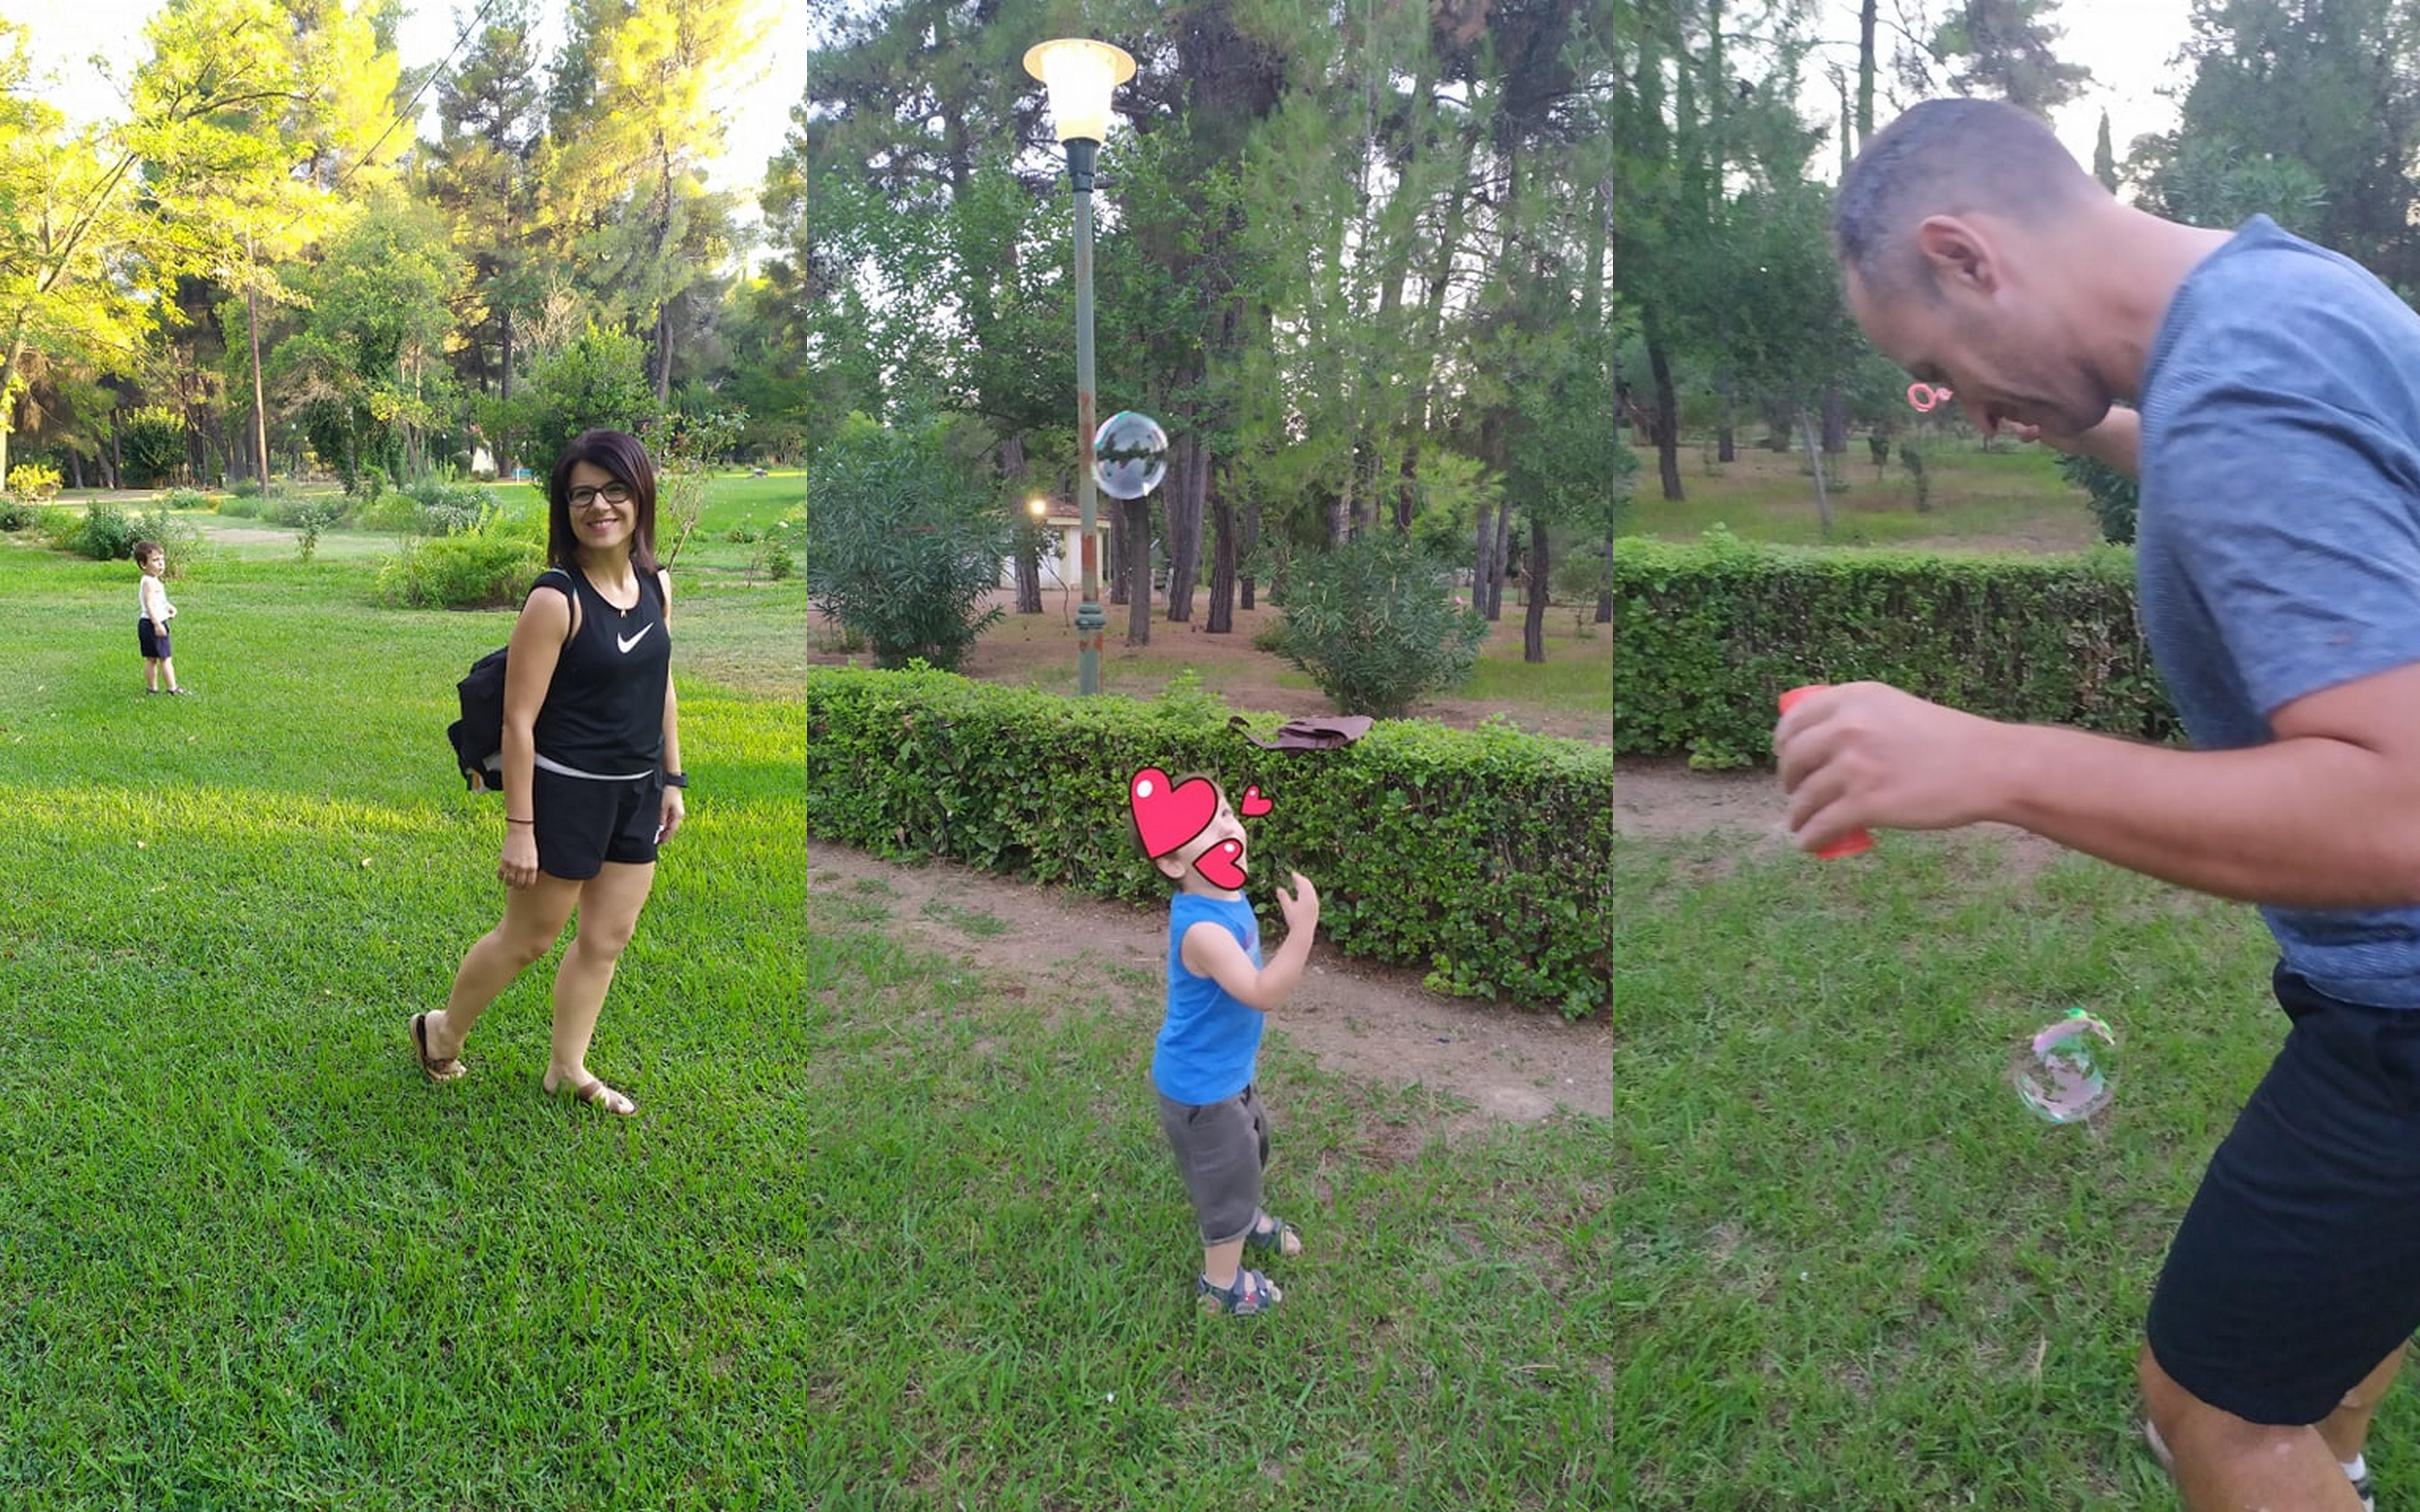 Παίζοντας στο πανέμορφο πάρκο των Λουτρών Υπάτης